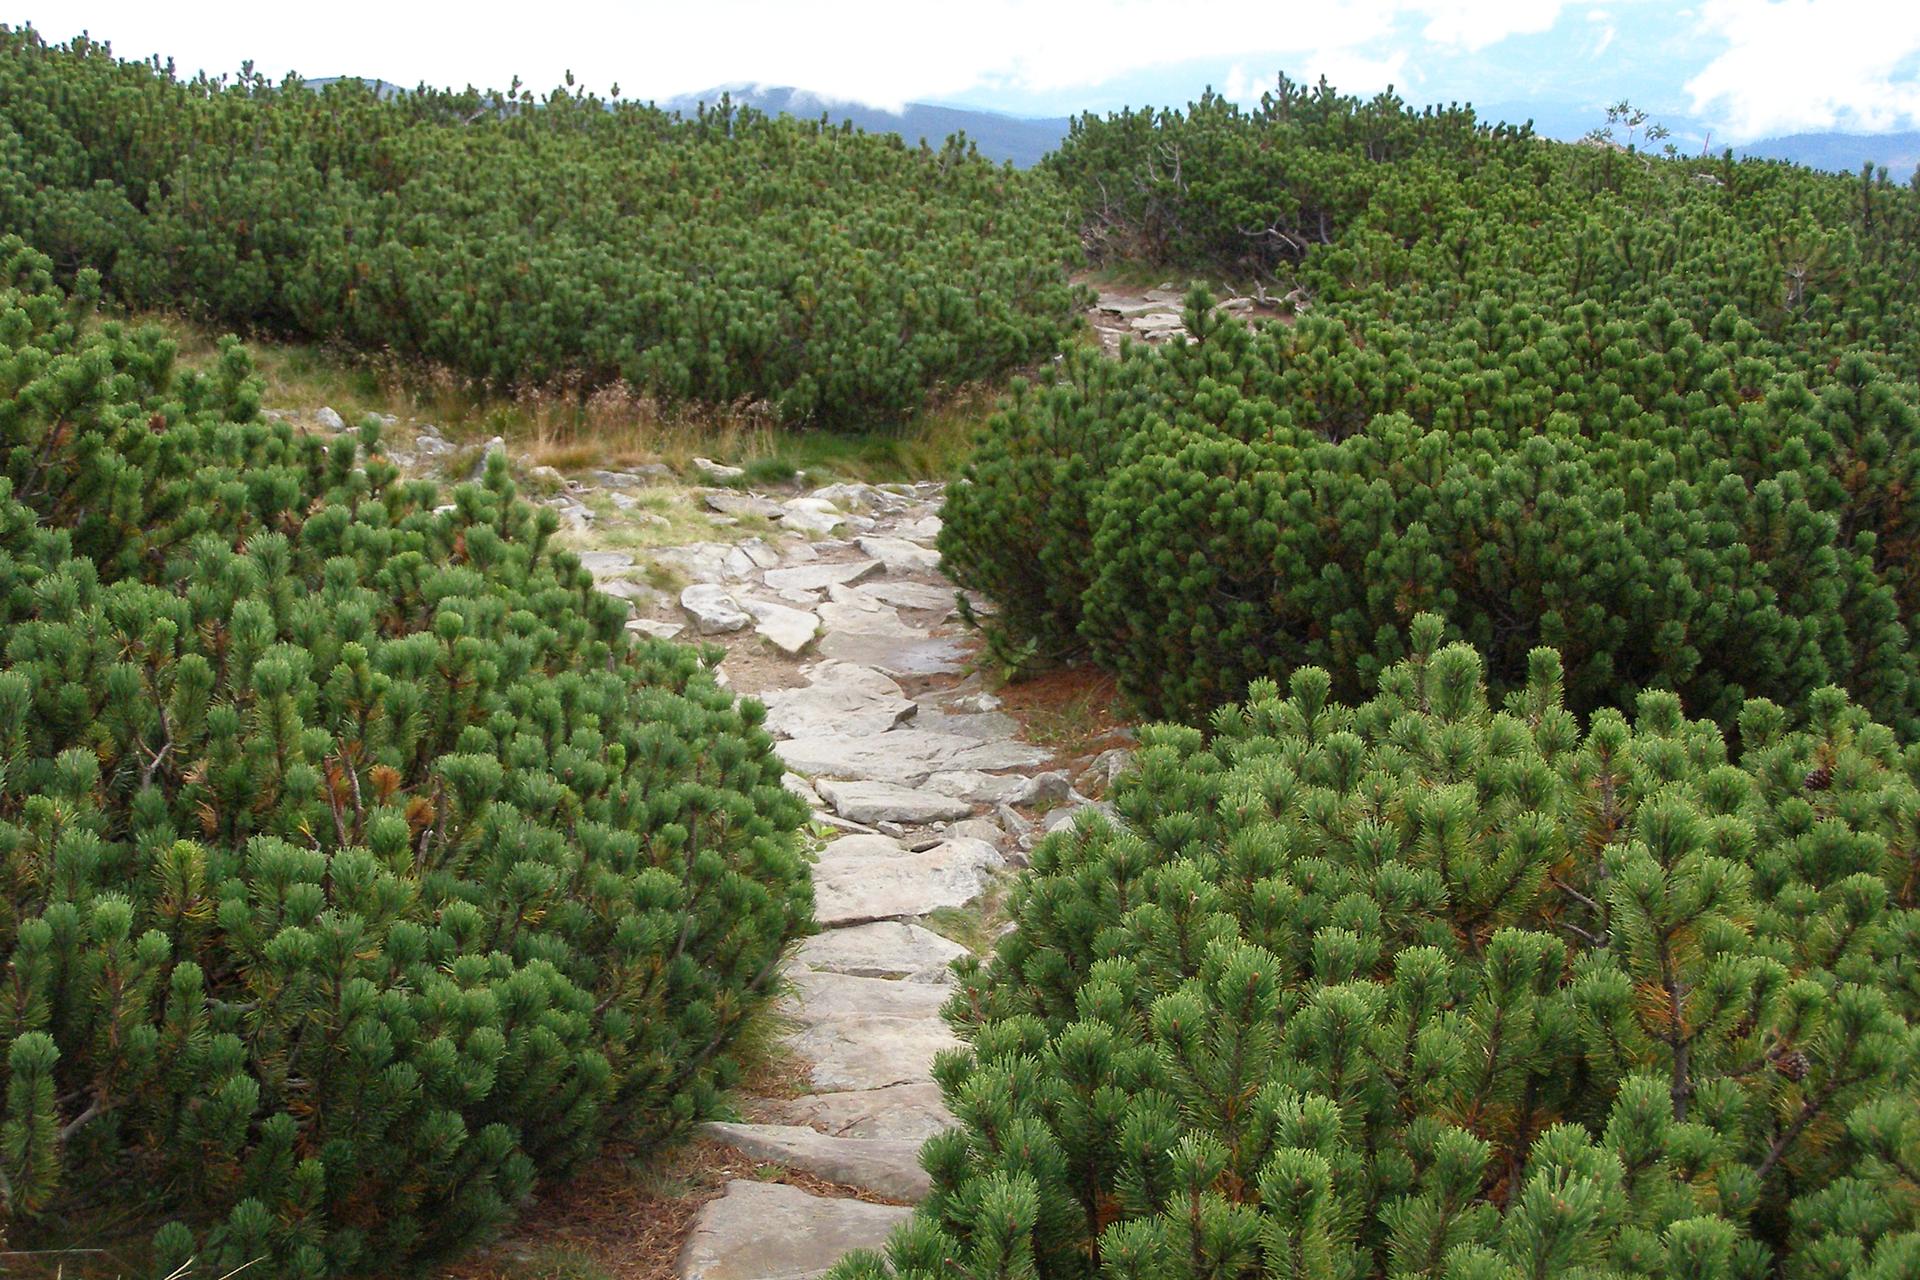 Fotografia prezentuje wygląd pietra kosodrzewiny. Na fotografii widoczna karłowata odmiana sosny, kosodrzewina.